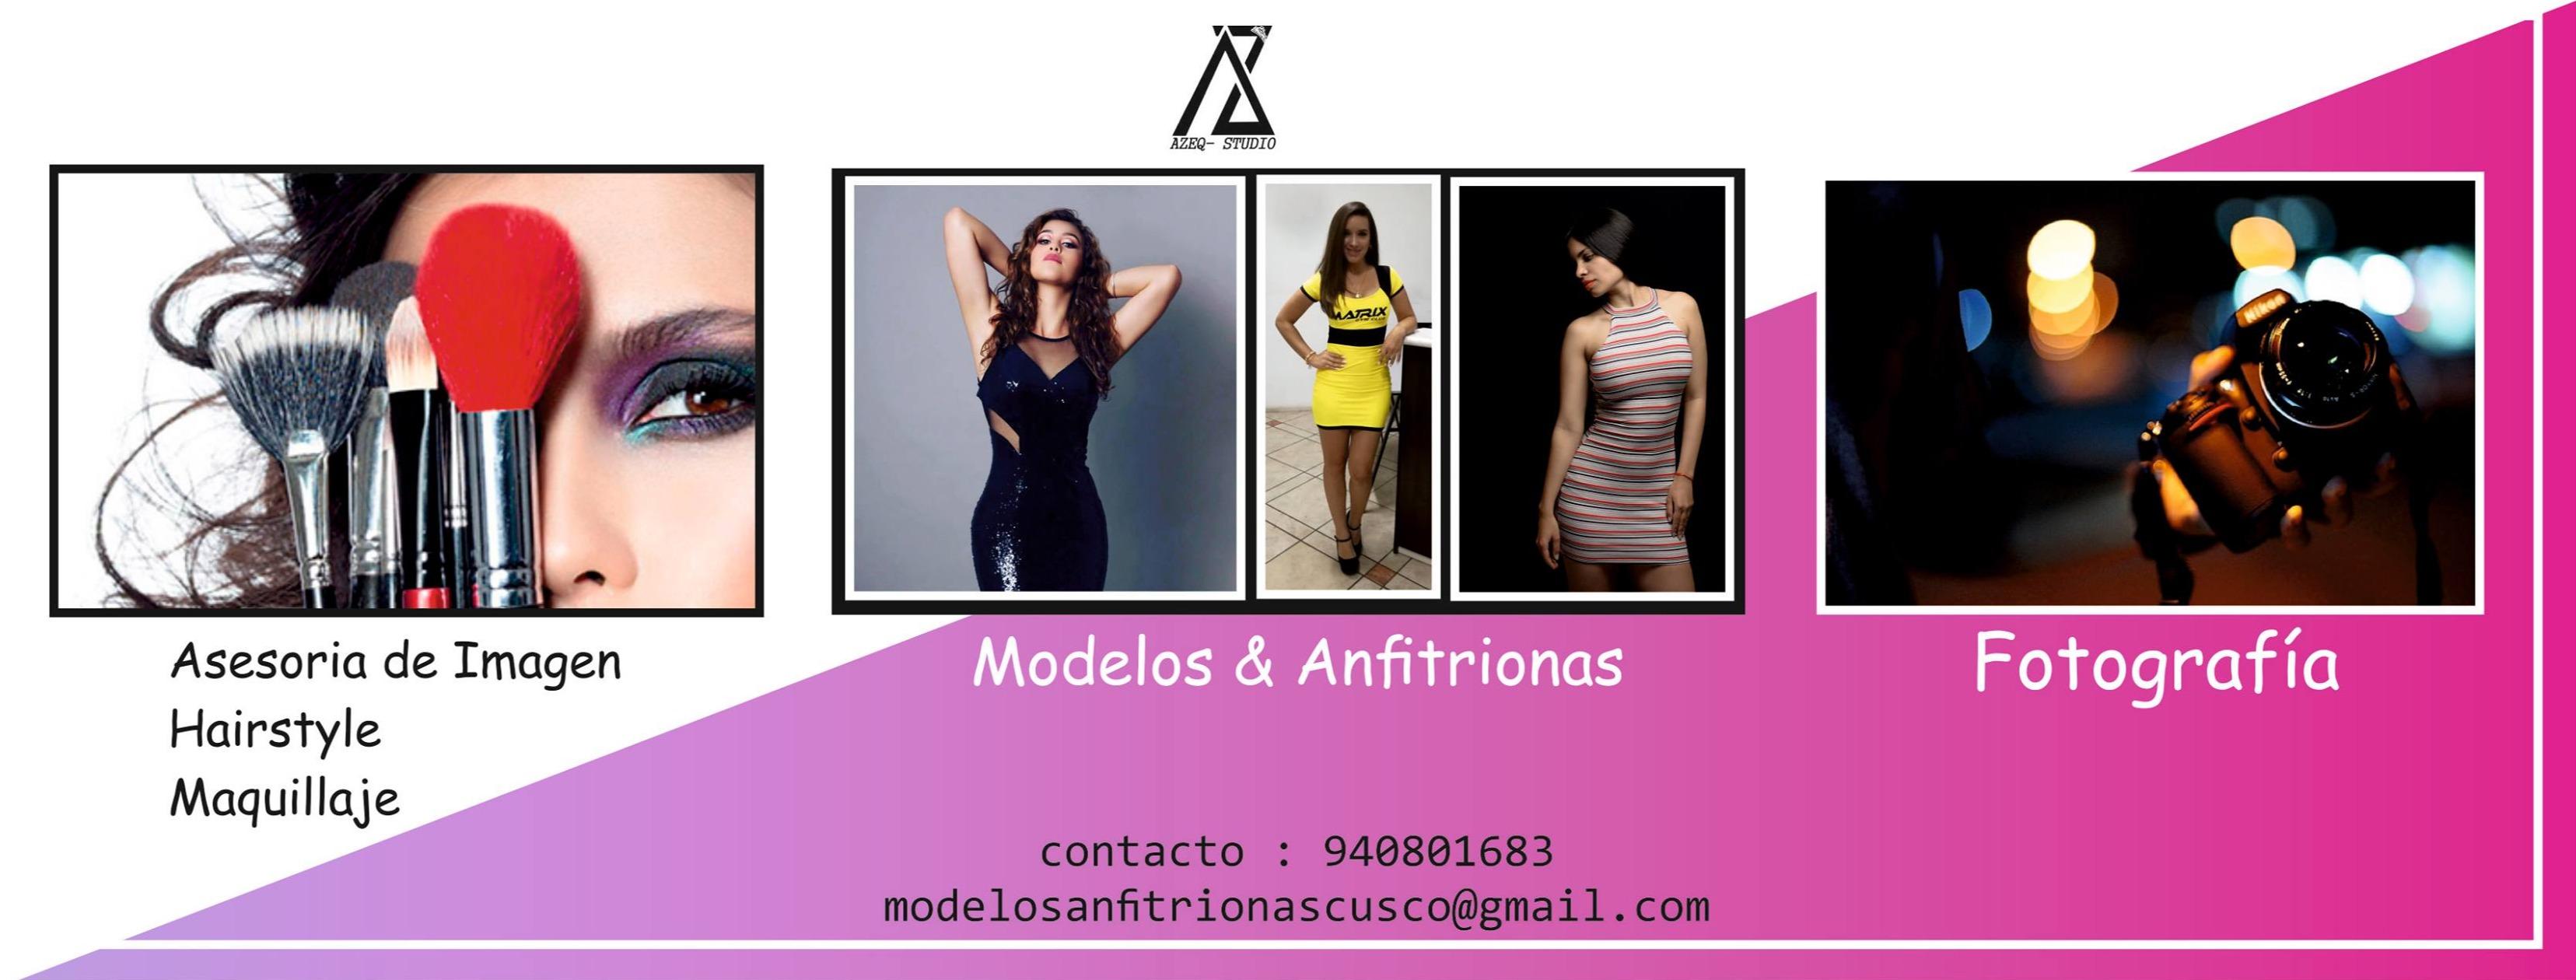 Portada Modelos & Anfitrionas Cusco